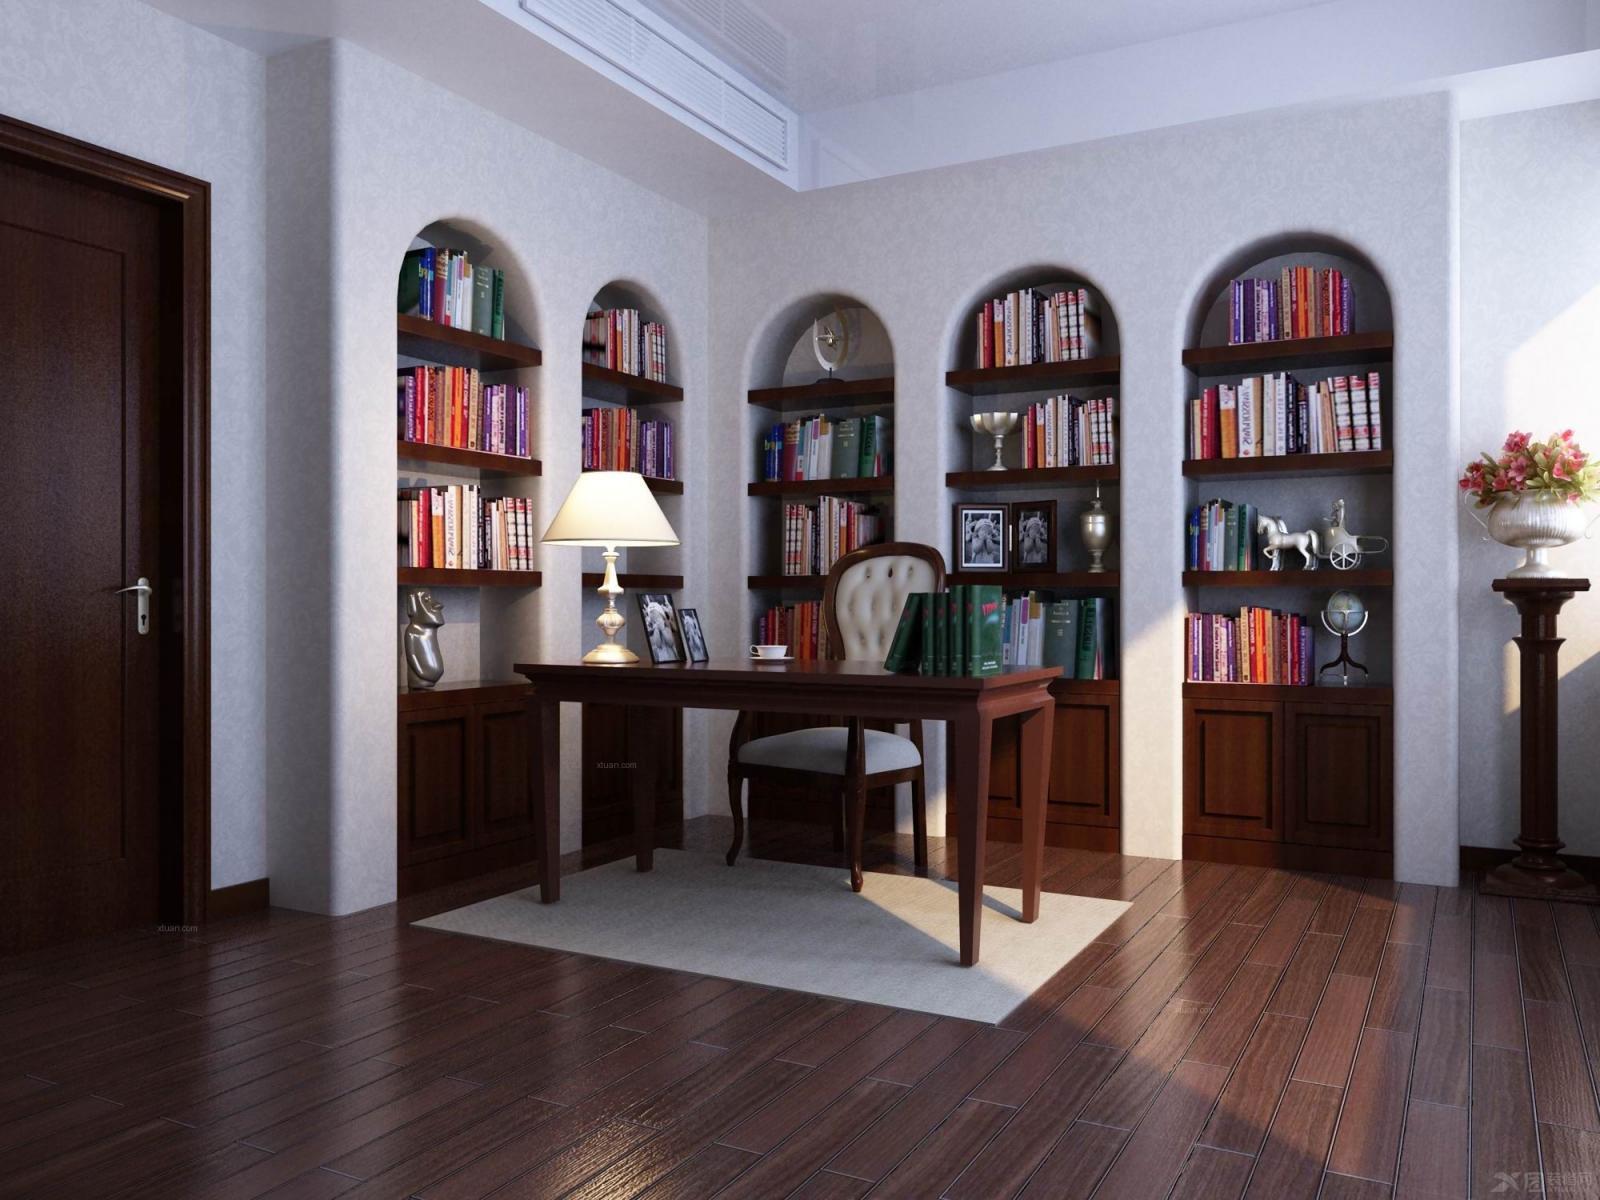 两室两厅欧式风格书房_蓝雅星河湾图片